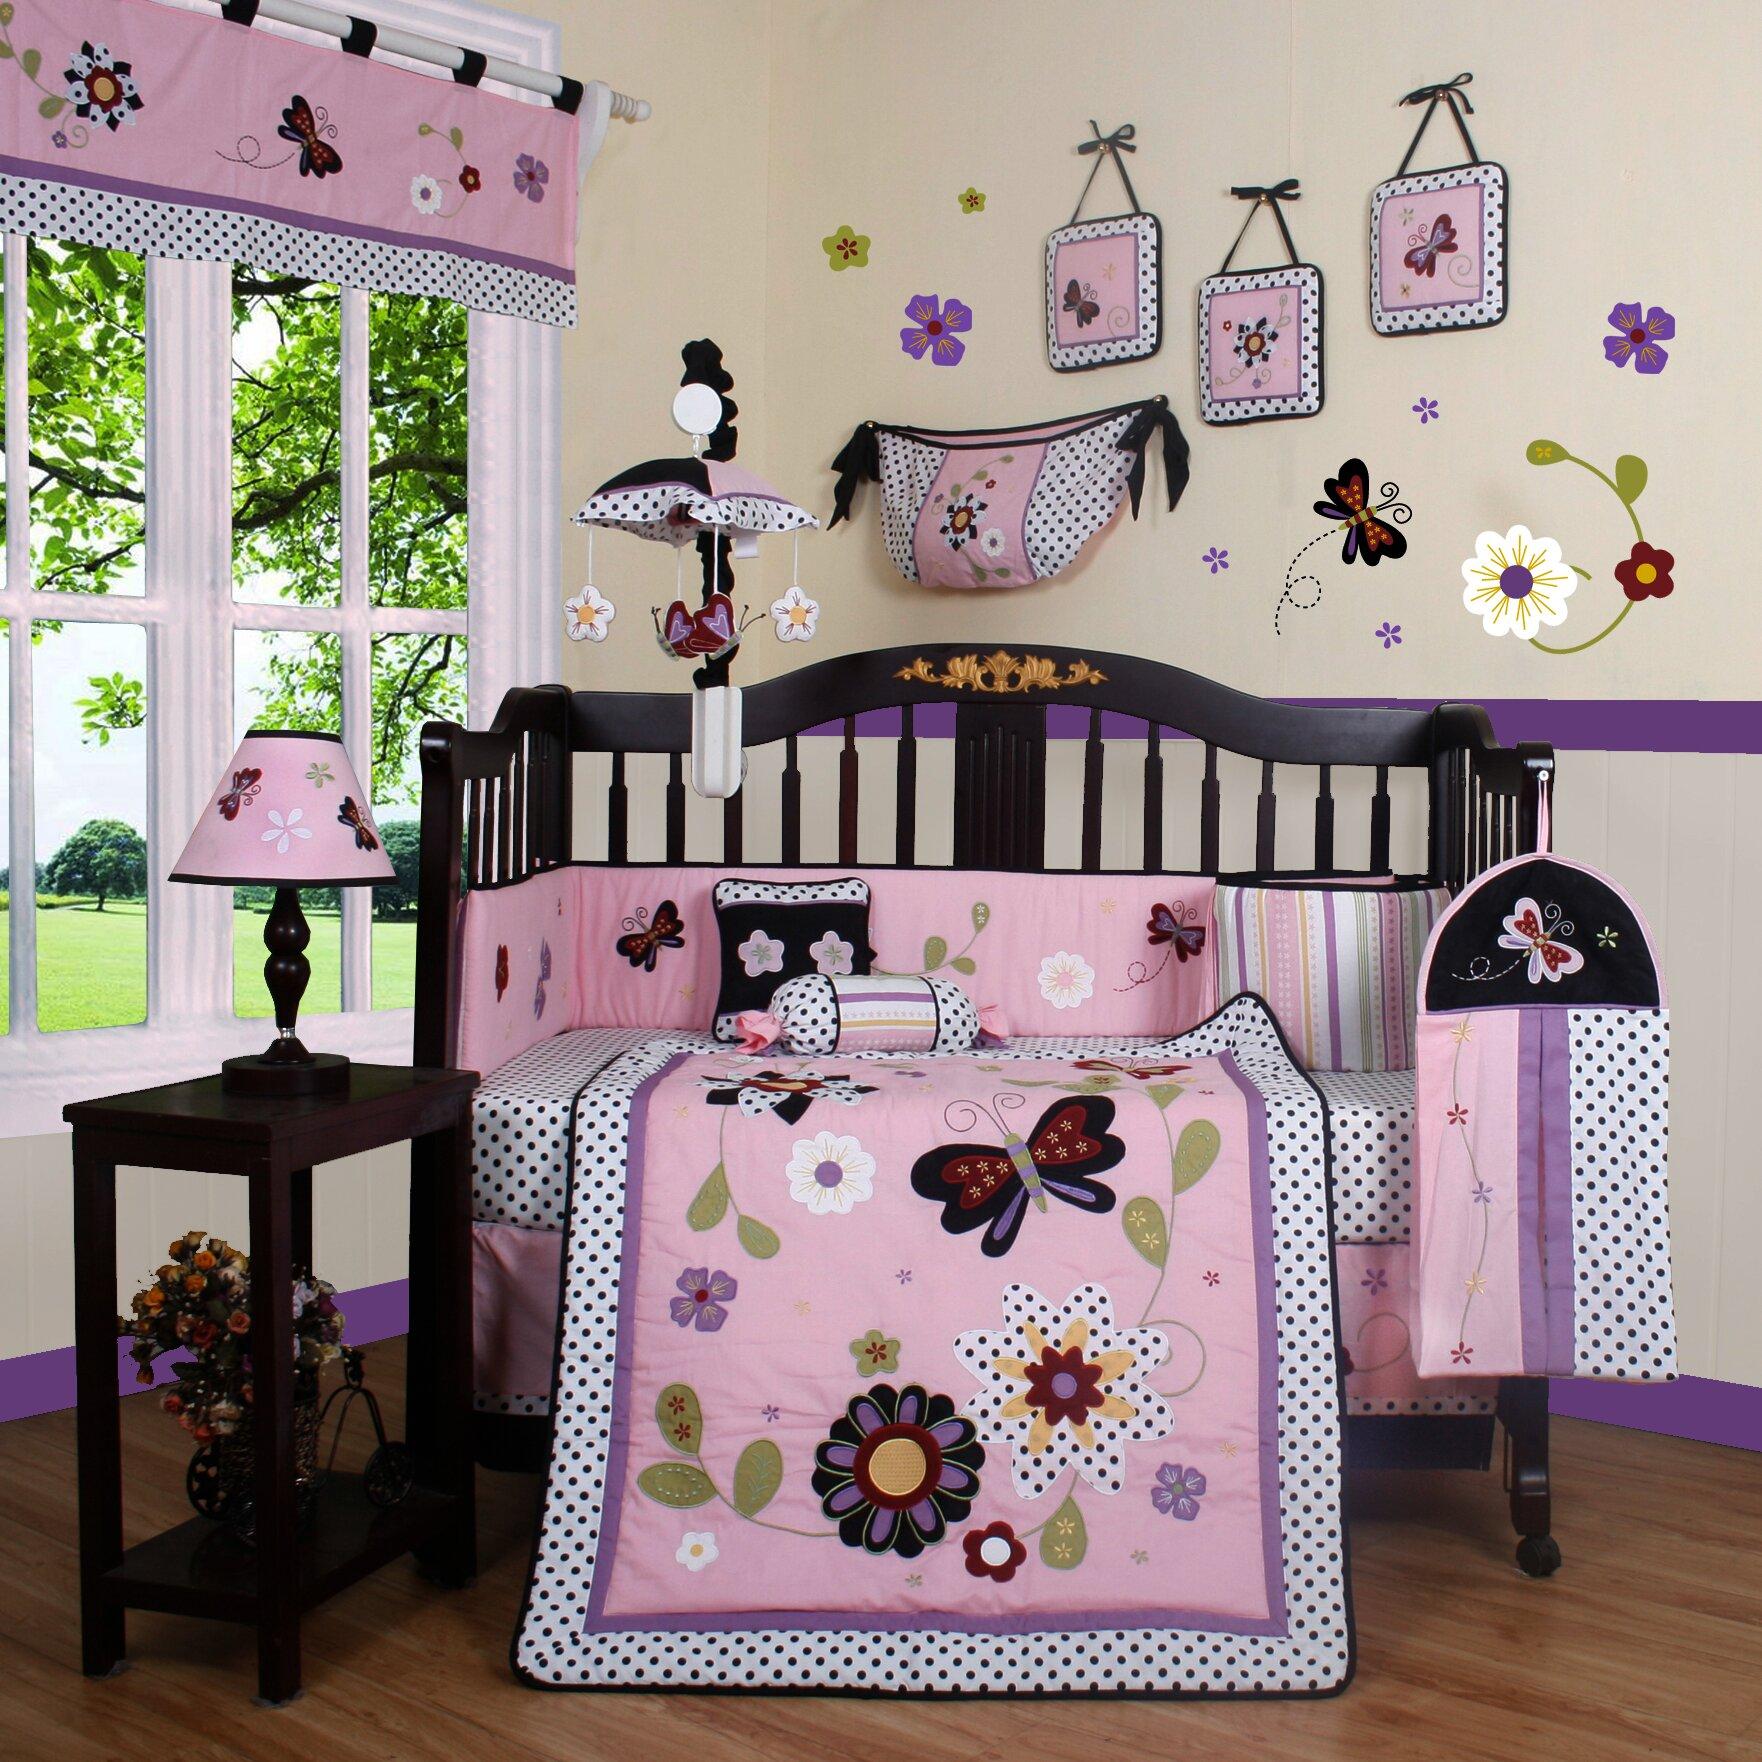 Geenny boutique daisy garden 13 piece crib bedding set reviews wayfair - Geenny crib bedding sets ...